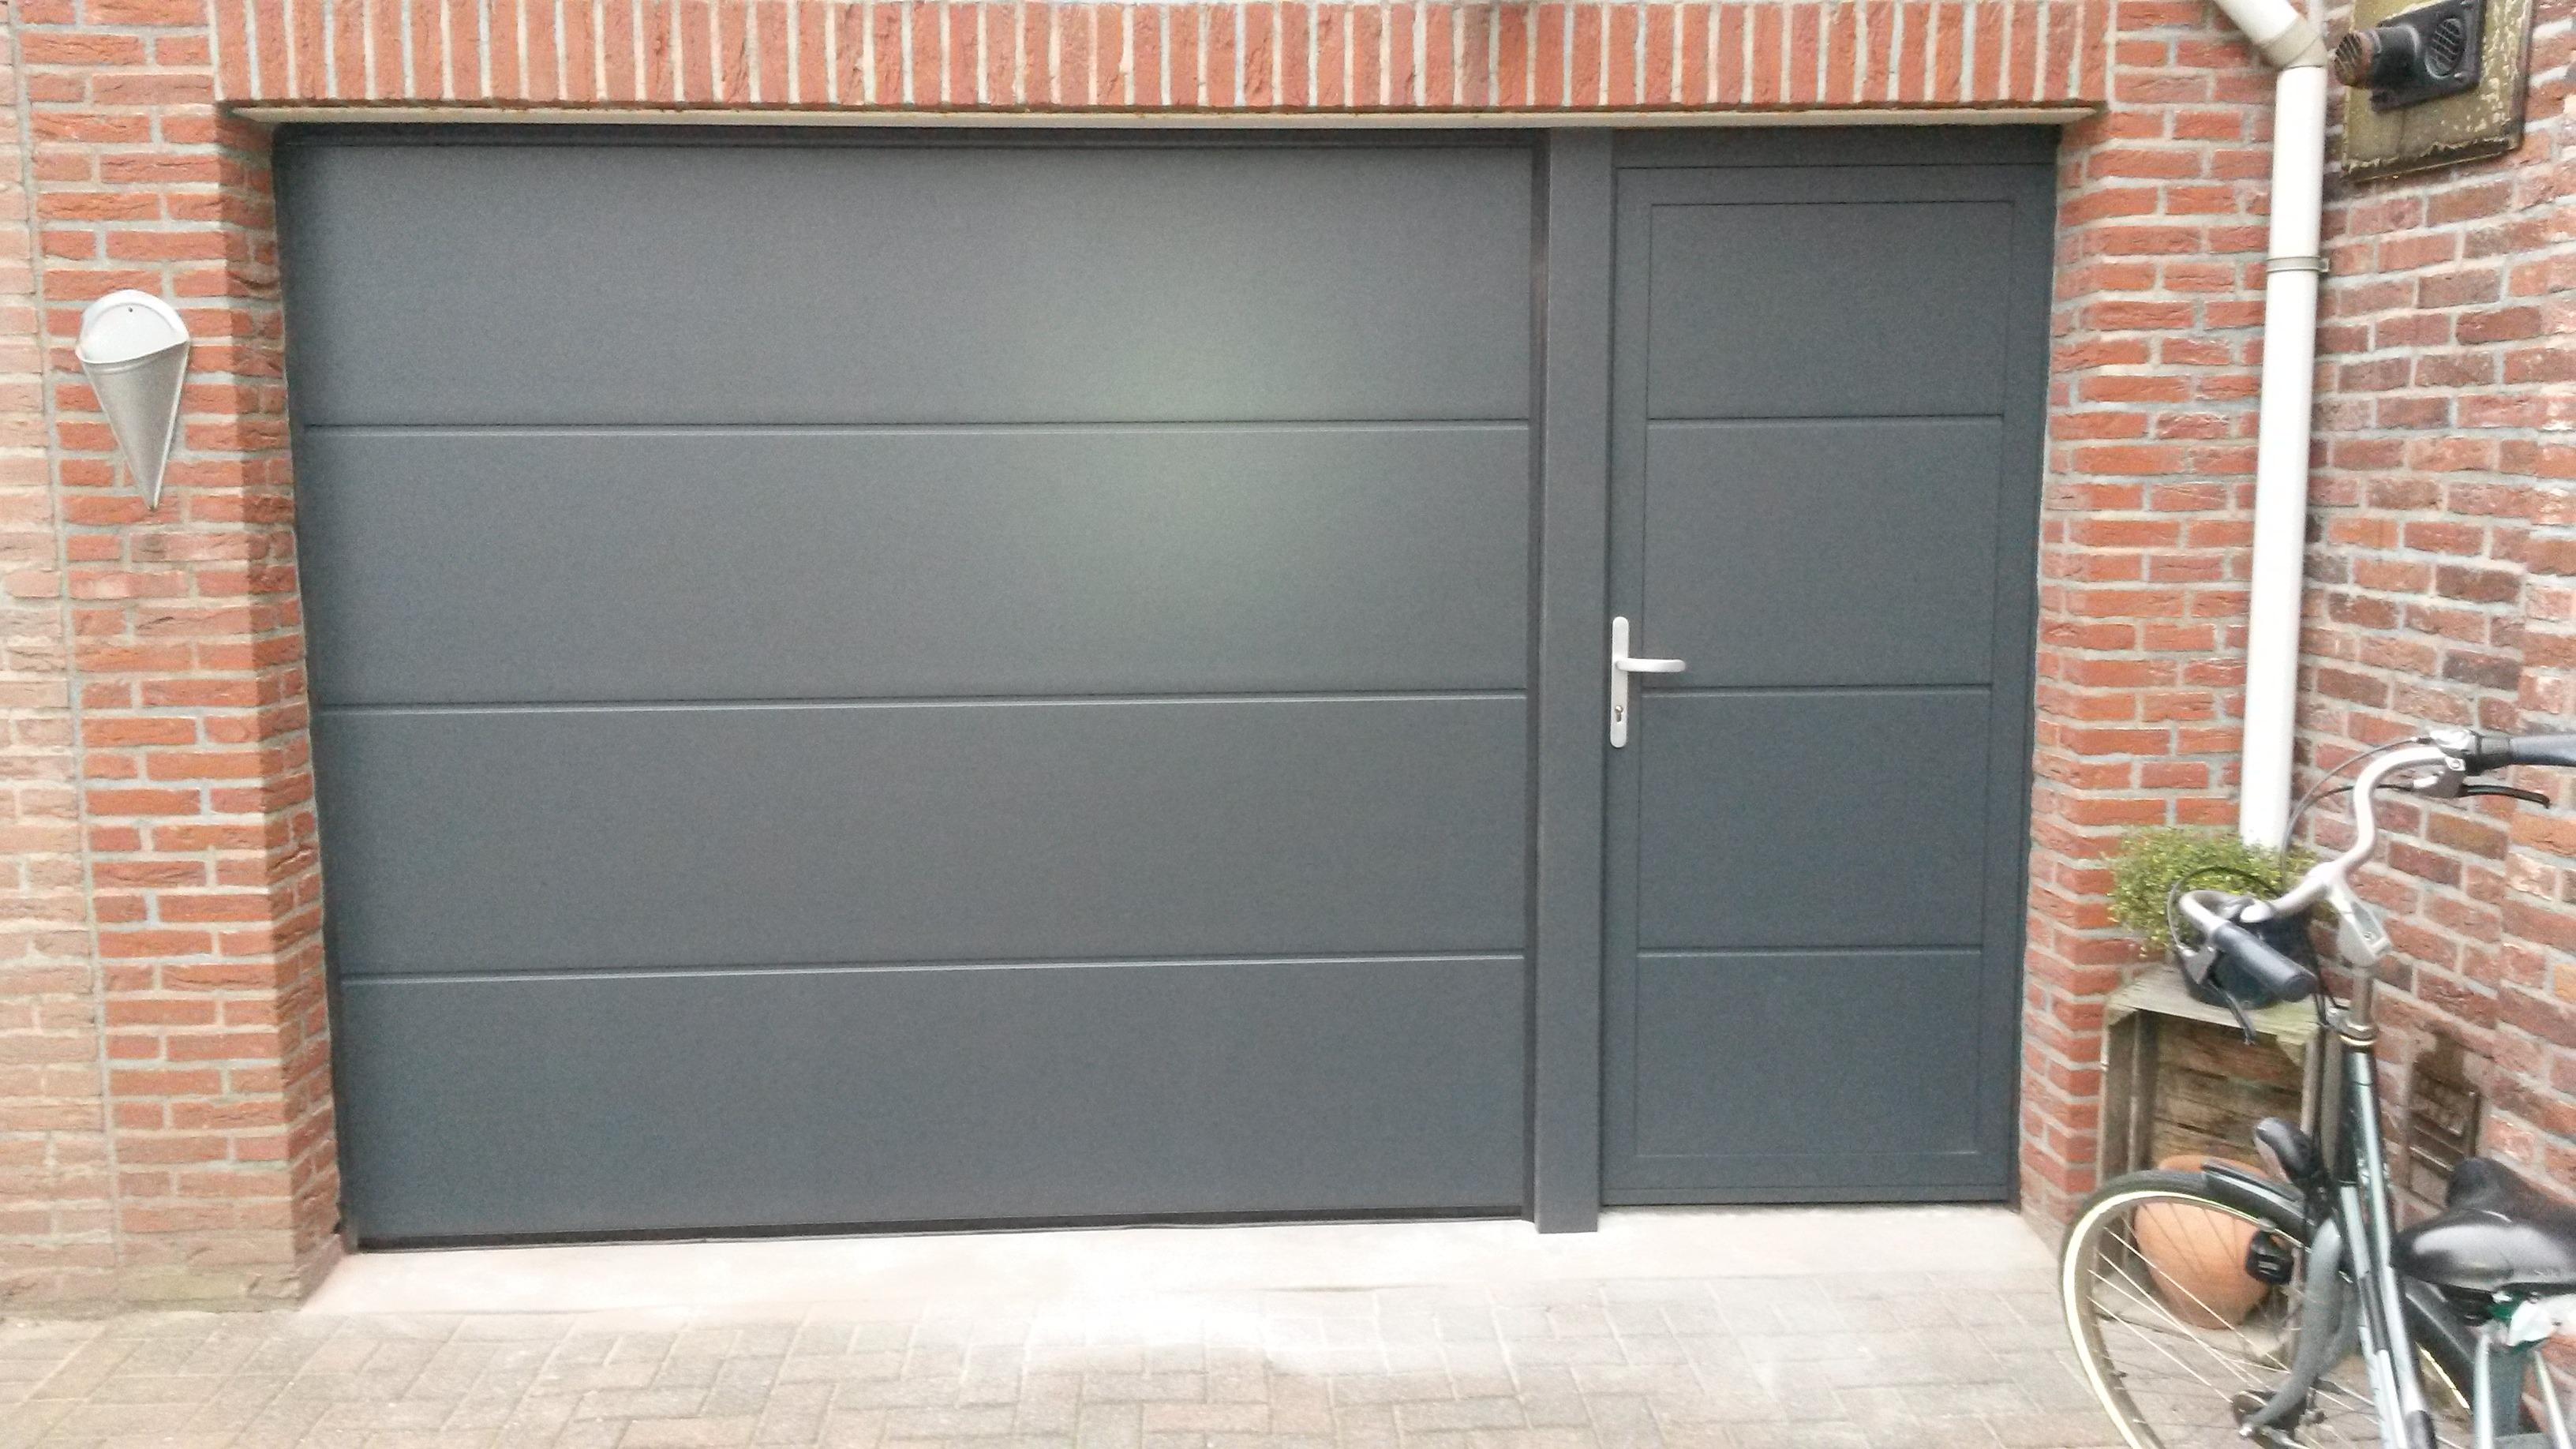 Garagedeur met naastliggende loopdeur different doors - Deur kast garagedeur ...